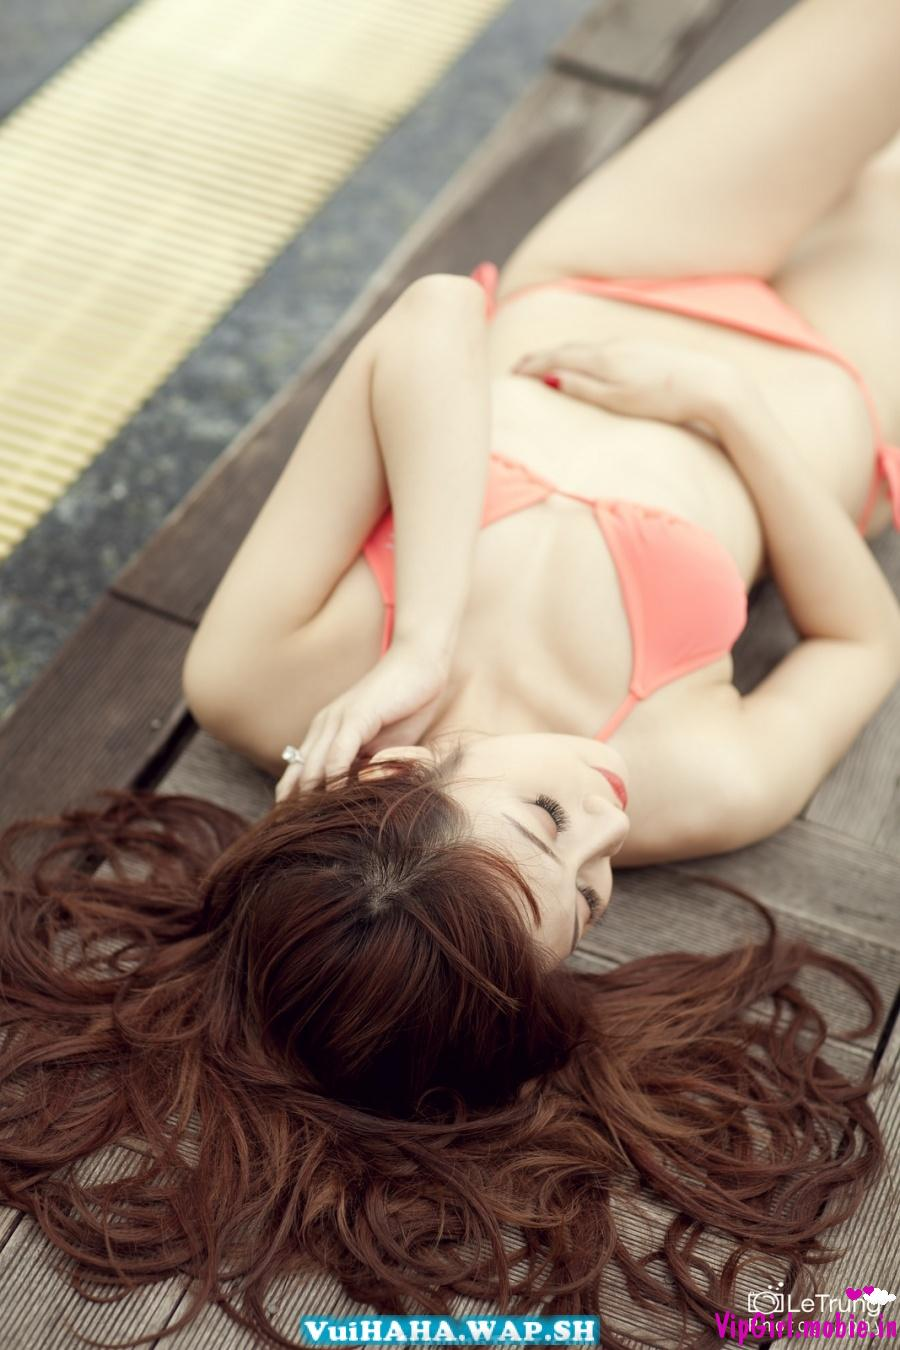 girl sexy việt nam cực nóng bỏng với bikini thật đã